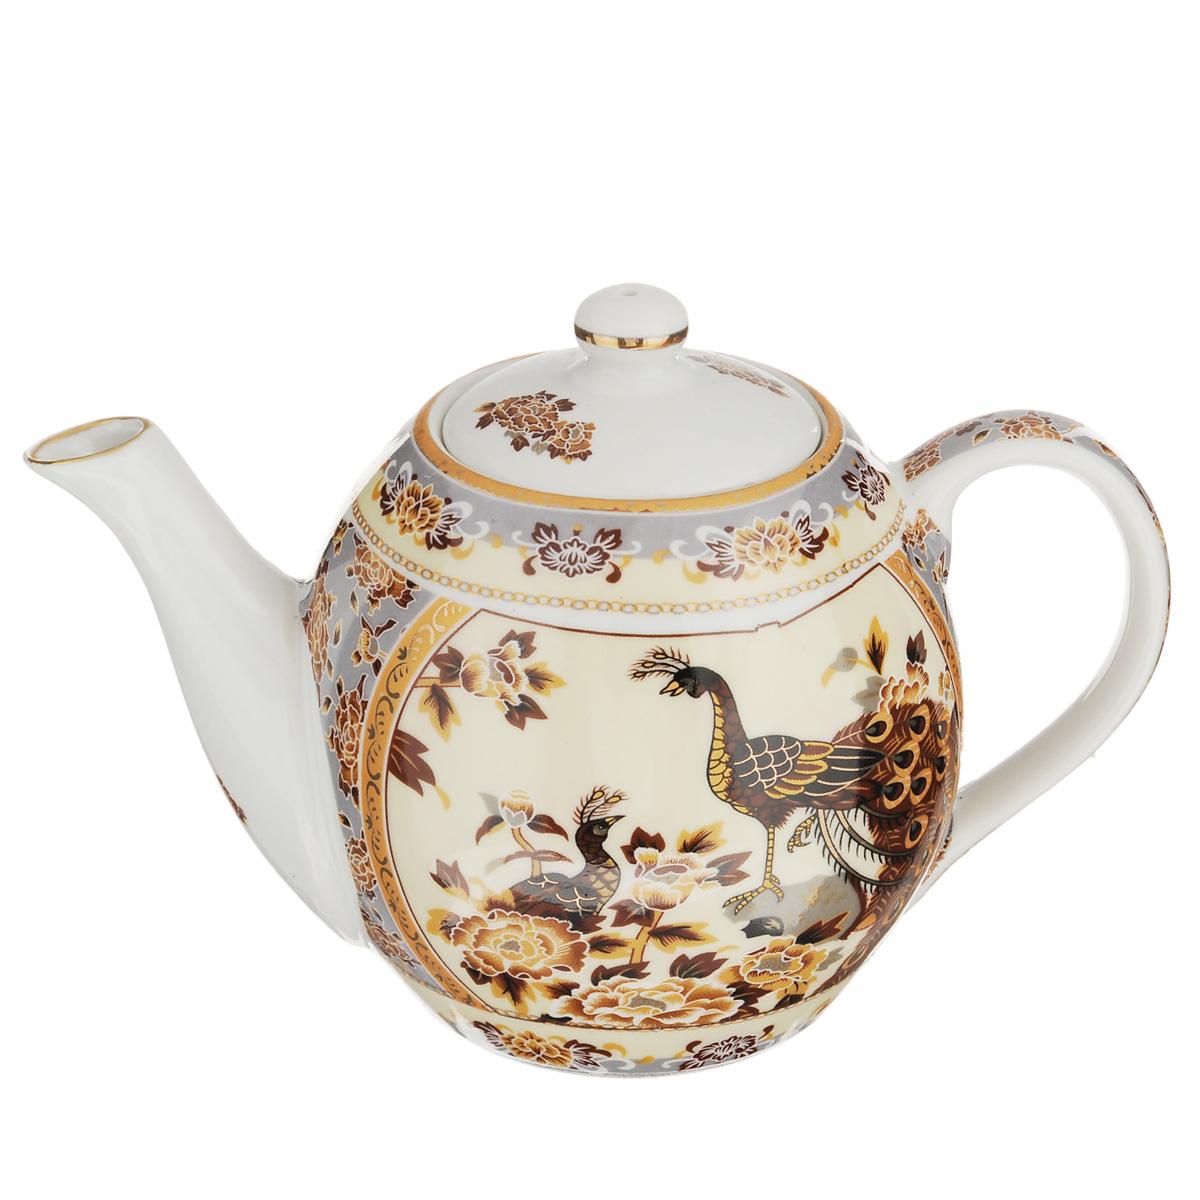 Чайник заварочный Saguro Павлин на бежевом, 470 мл543-283Заварочный чайник Saguro Павлин на бежевом изготовлен из высококачественного фарфора и покрыт слоем сверкающей глазури. Посуда оформлена изысканным изображением павлинов и эмалью золотистого цвета. Такой чайник прекрасно дополнит сервировку стола к чаепитию и станет его неизменным атрибутом. Не использовать в микроволновой печи. Объем: 470 мл. Диаметр (по верхнему краю): 6 см. Высота стенки (без учета крышки): 9 см.